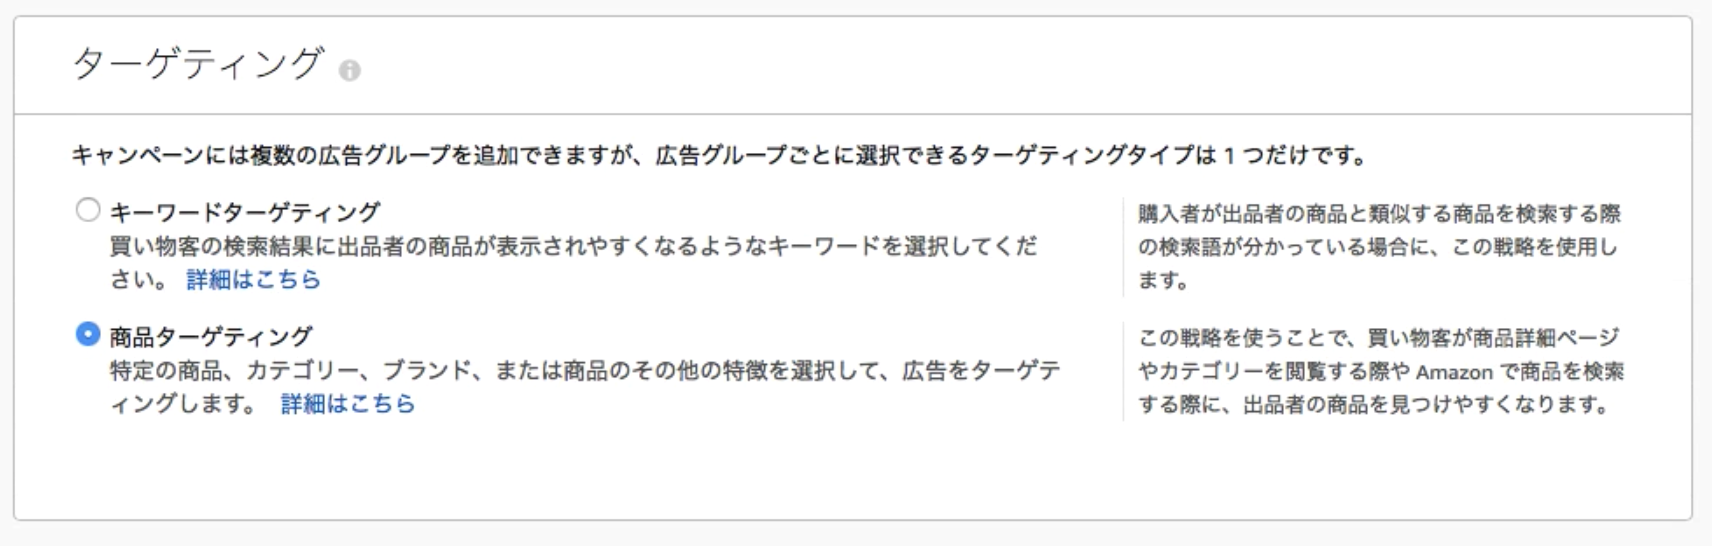 amazon スポンサープロダクト 商品ターゲティング